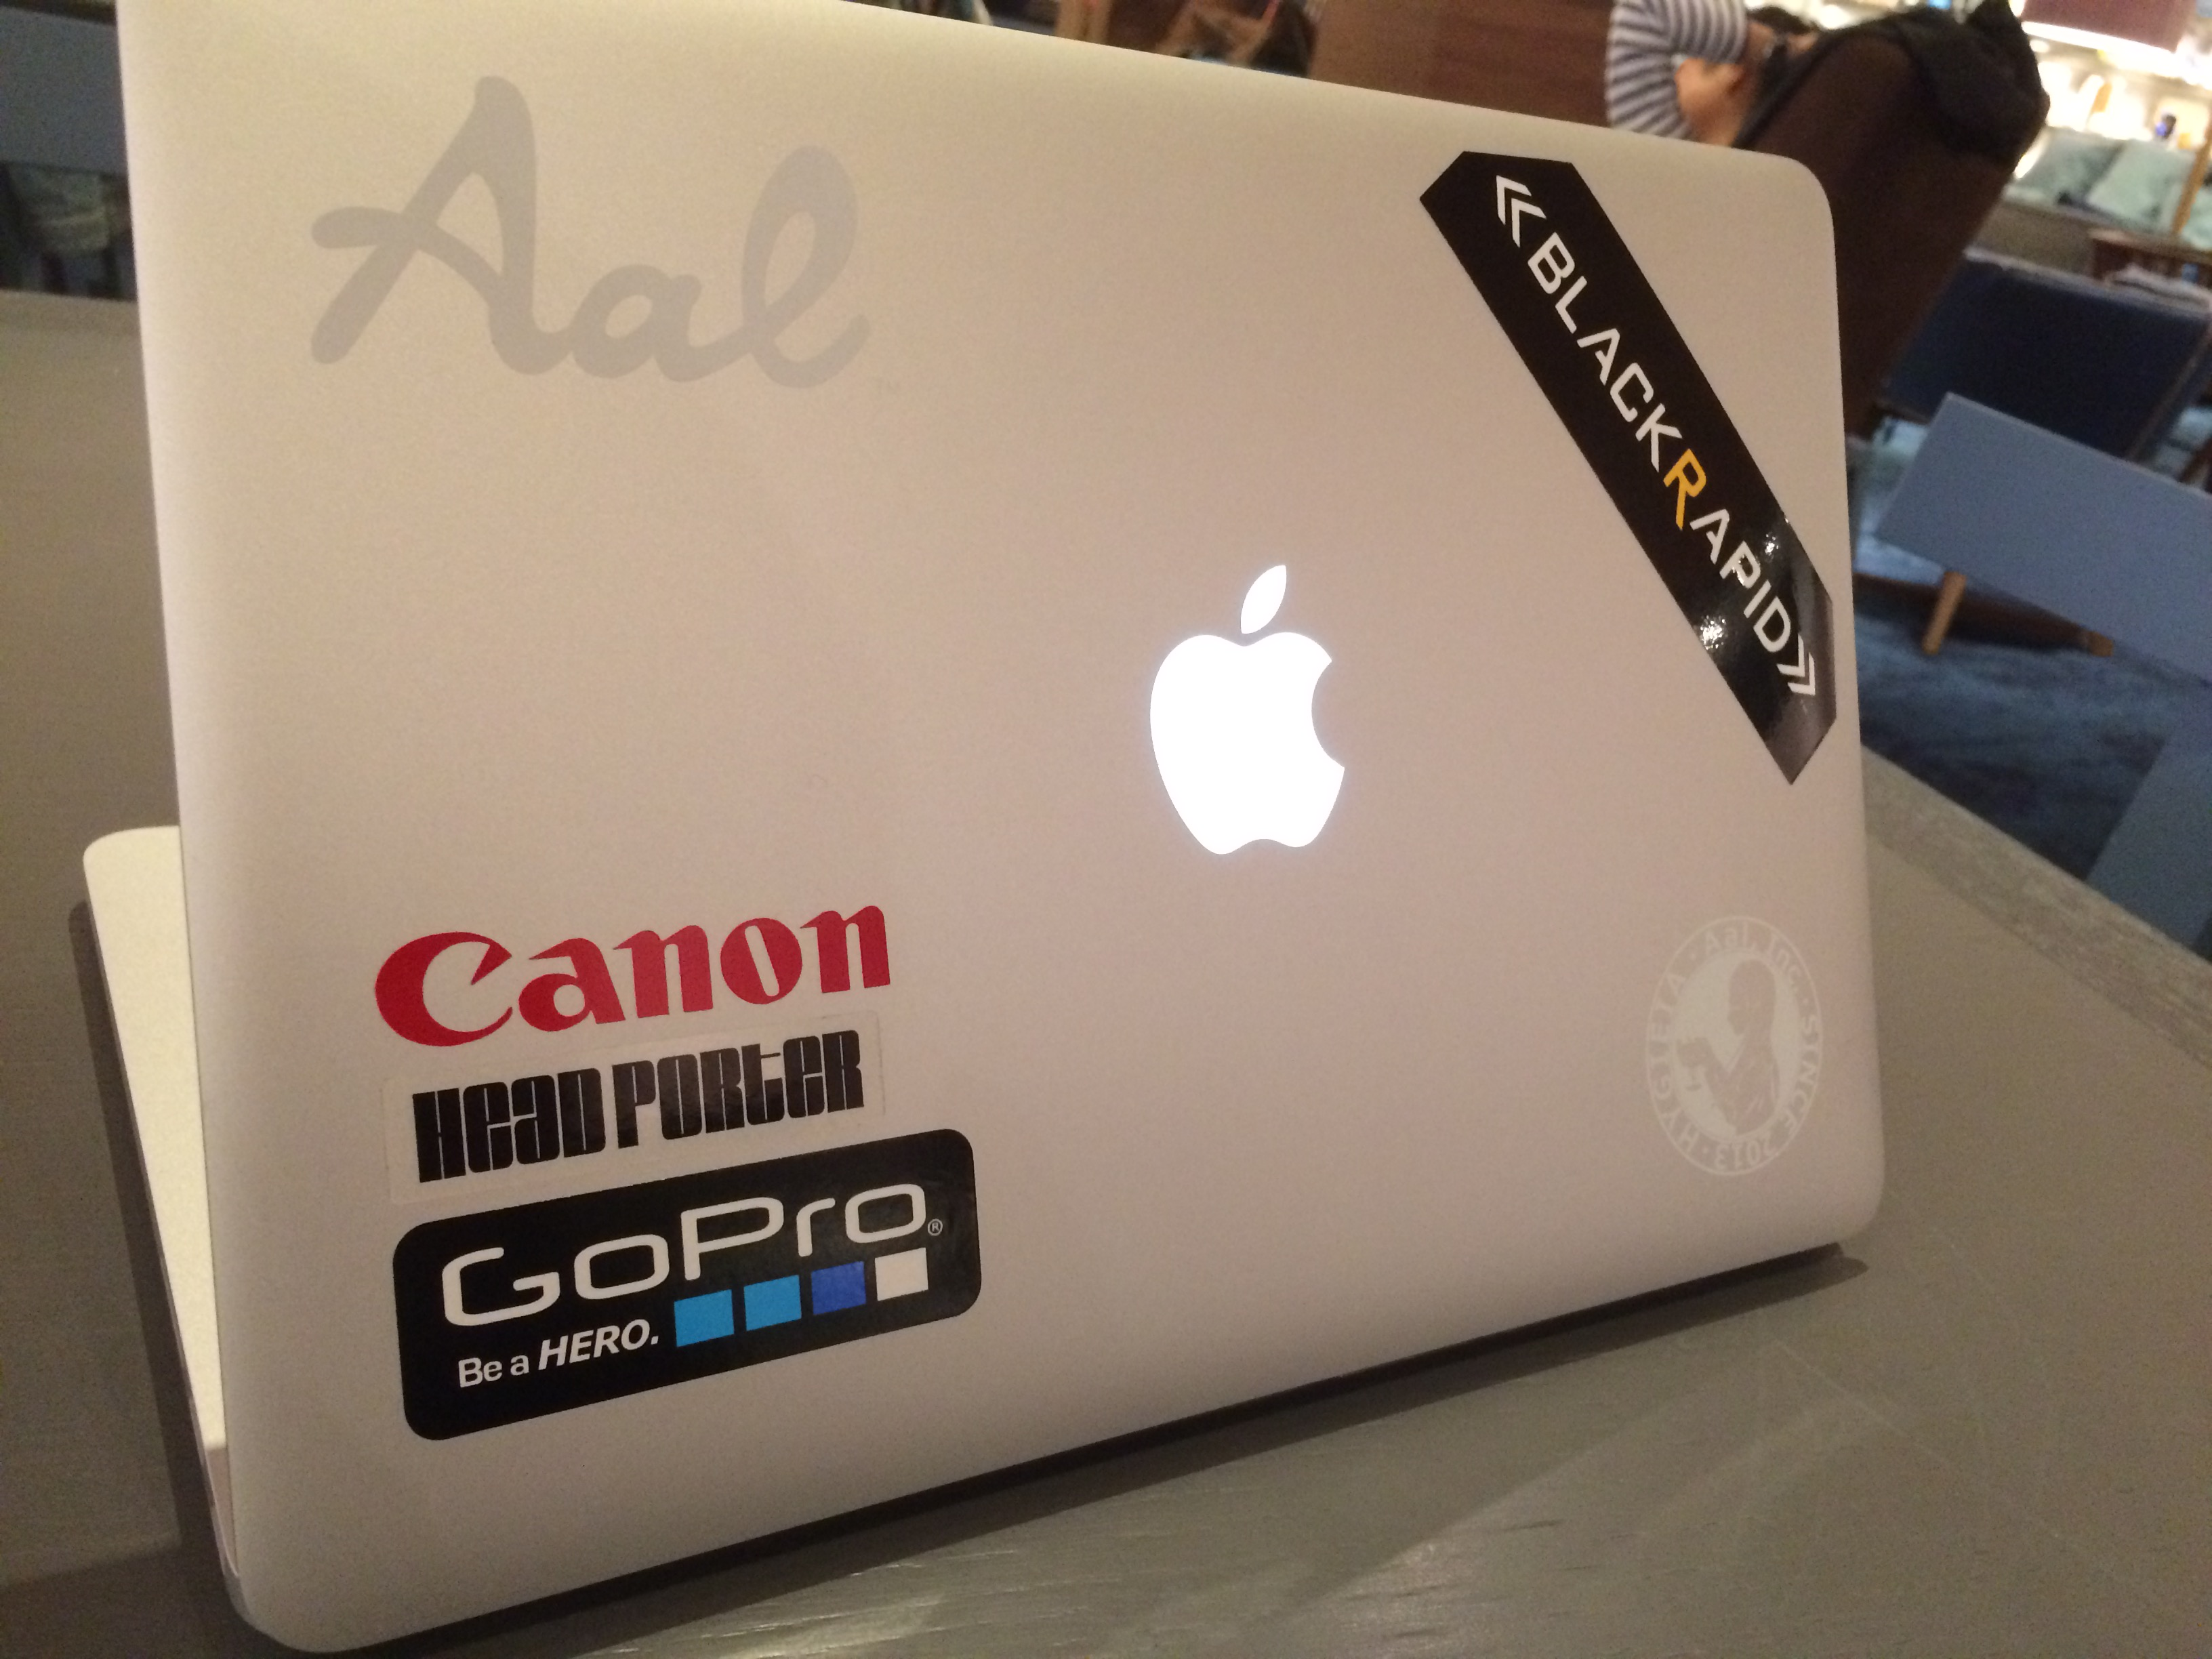 MacBook Pro カスタマイズ2015-03-30 20.14.42